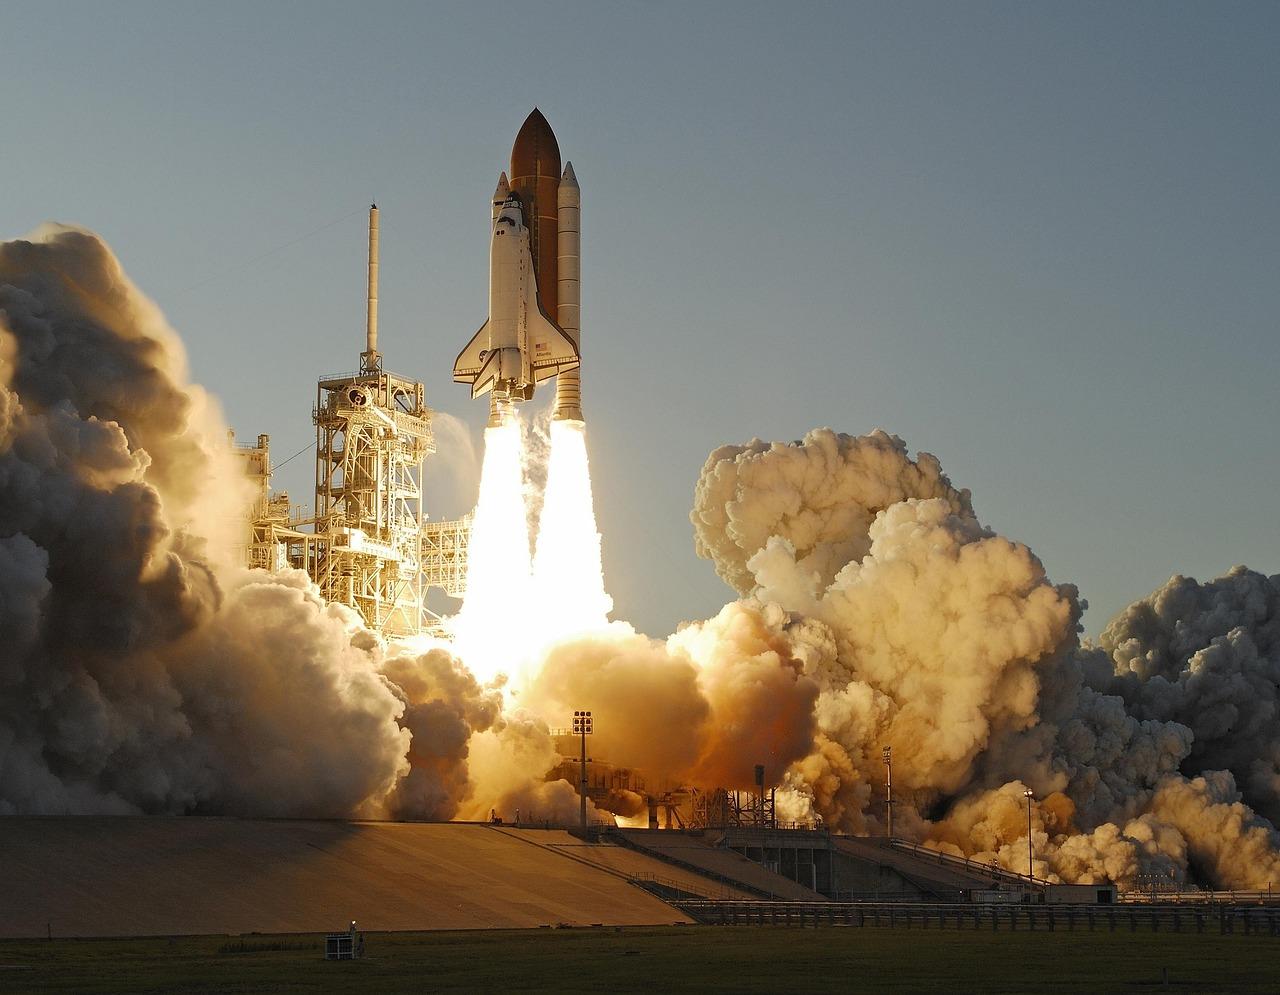 atlantis-space-shuttle-884641_1280